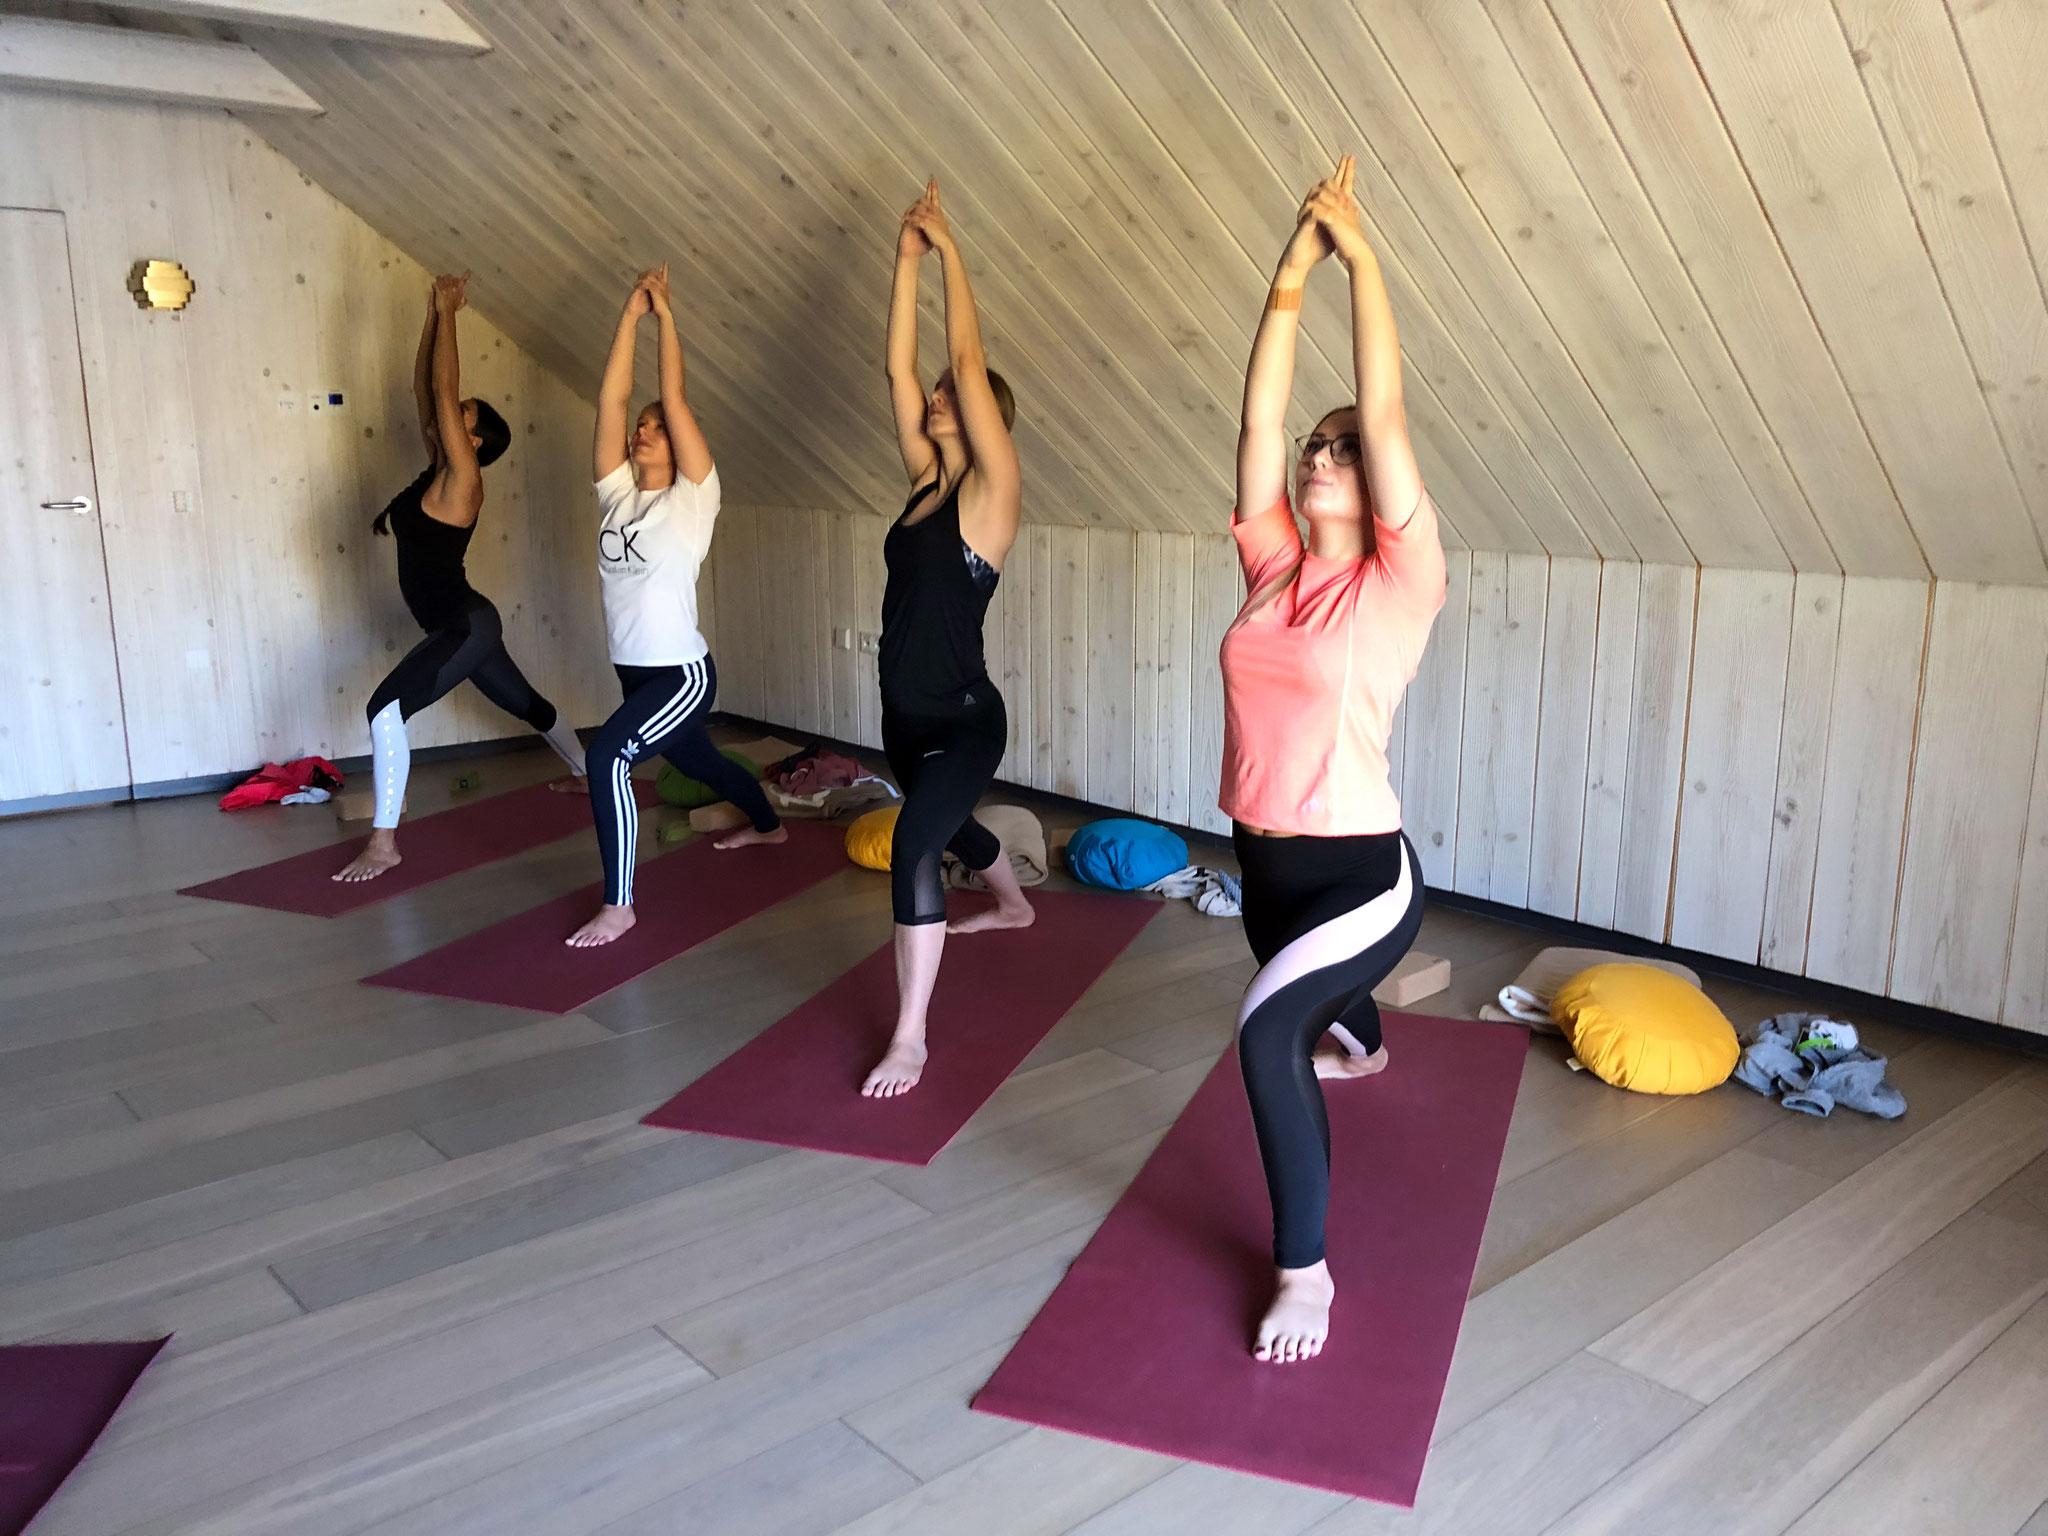 Yoga am Morgen ... vertreibt Kummer und Sorgen